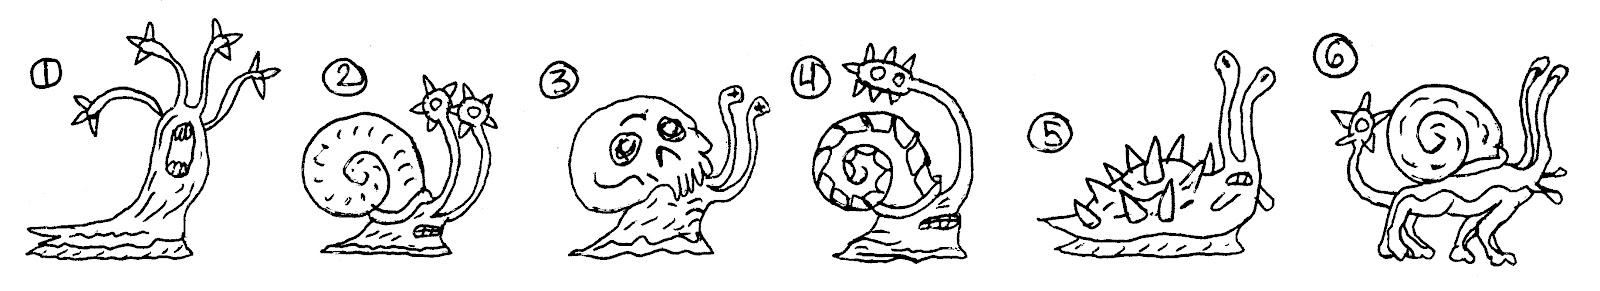 snailpets.jpg